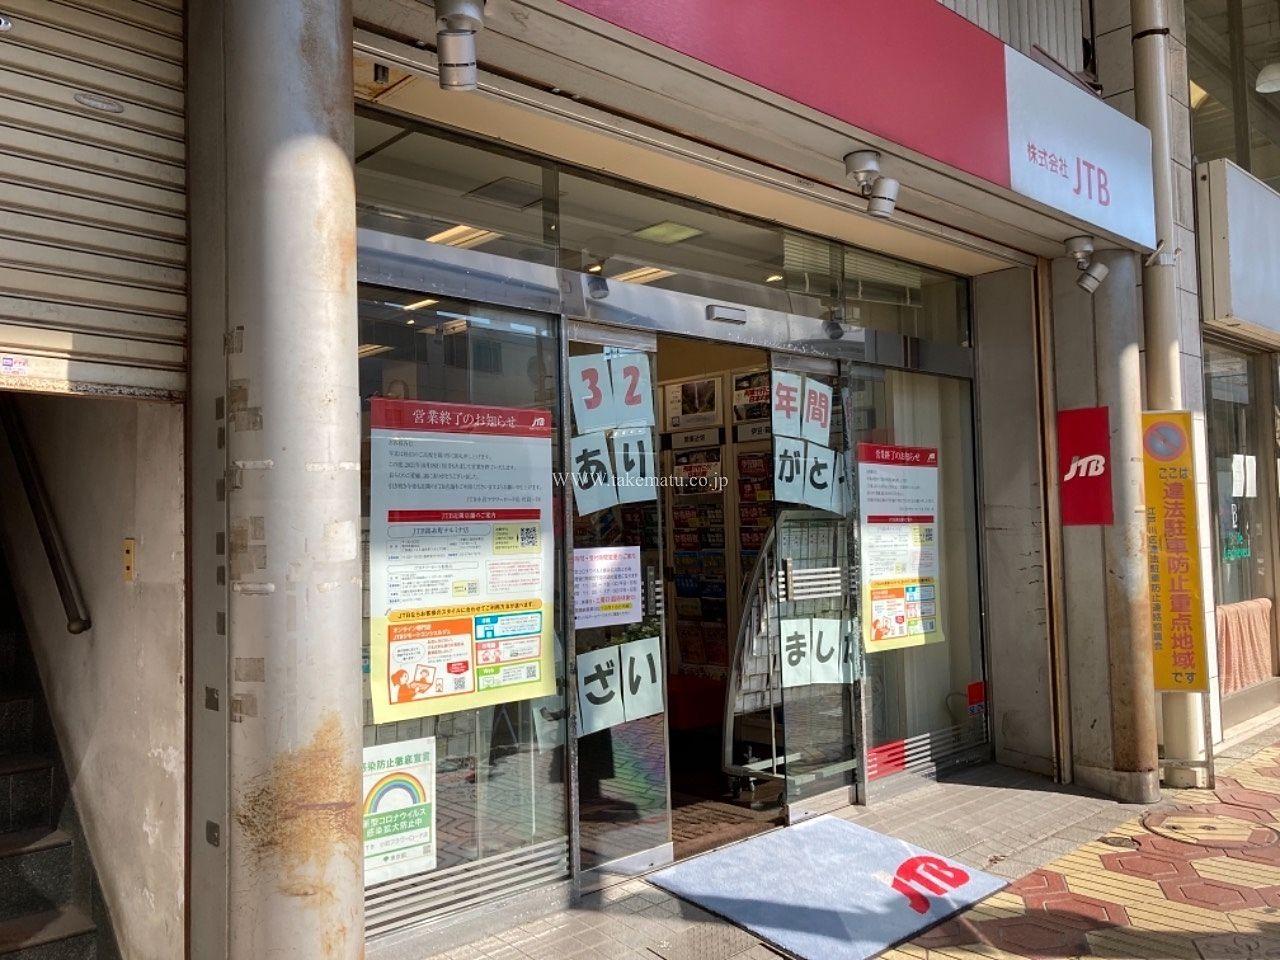 小岩 フラワーロード JTB 閉店‼︎